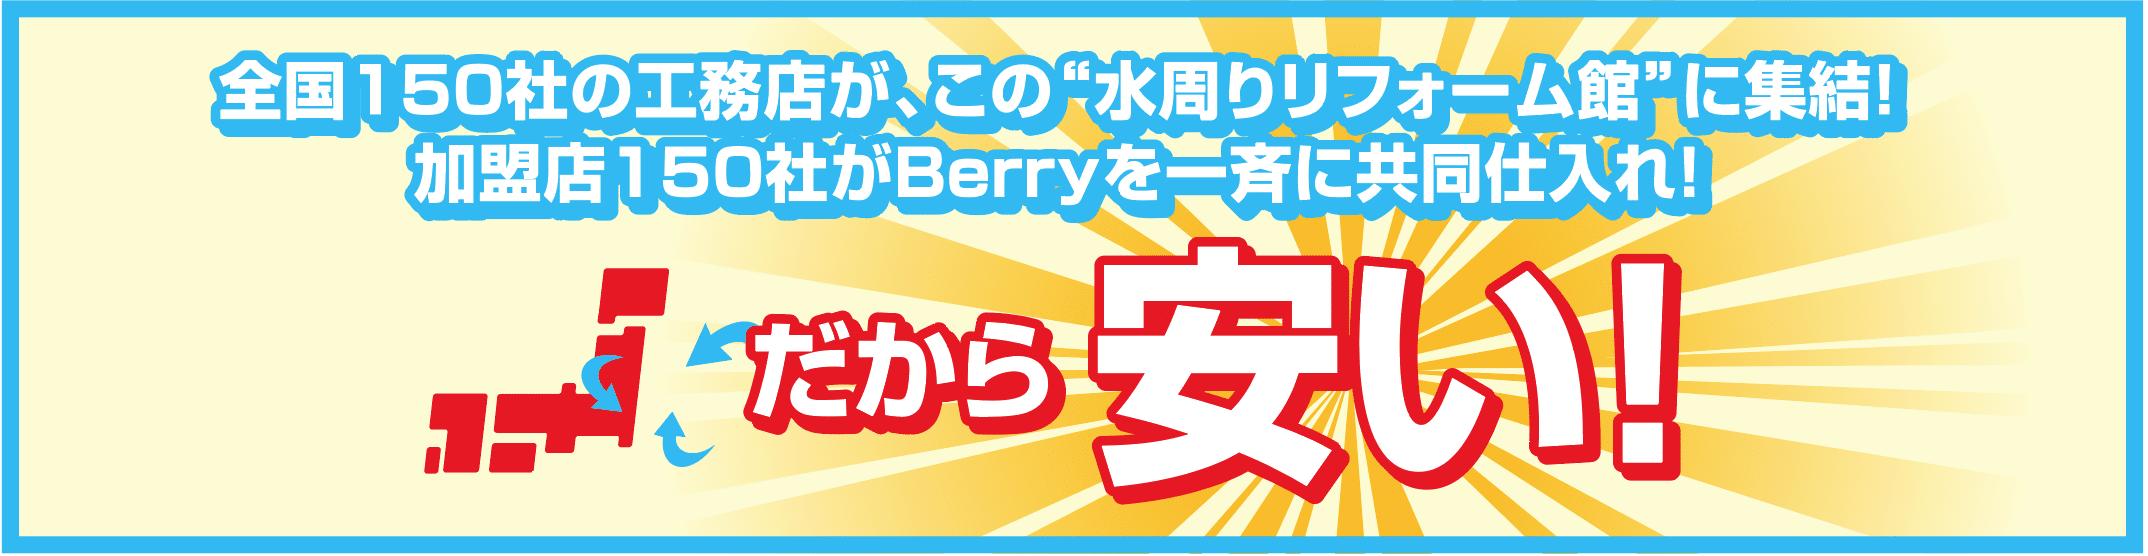 TOCLASキッチンBerryベリーを水周りリフォーム館加盟店が共同仕入れ、だから安い